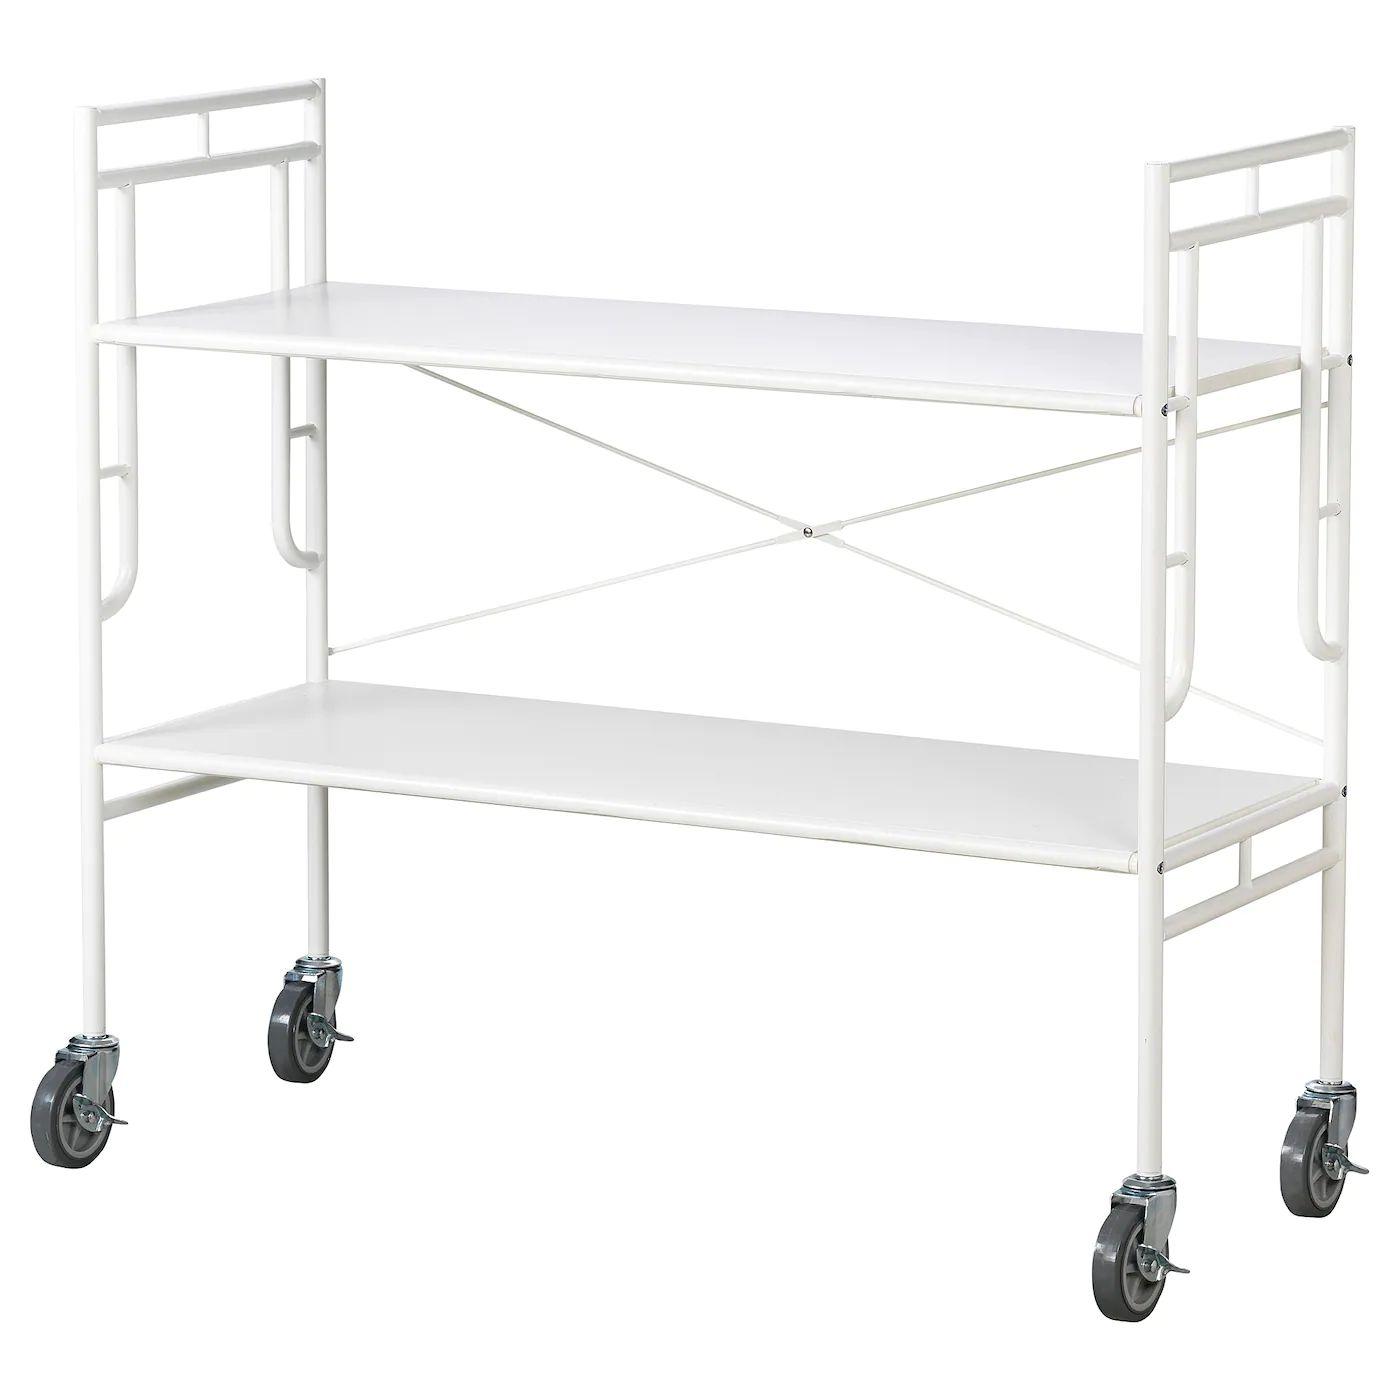 IKEA Oldenburg verschiedene Artikel stark runtergesetzt, z.b. Regal Sammankoppla, Bürostuhl Flintan